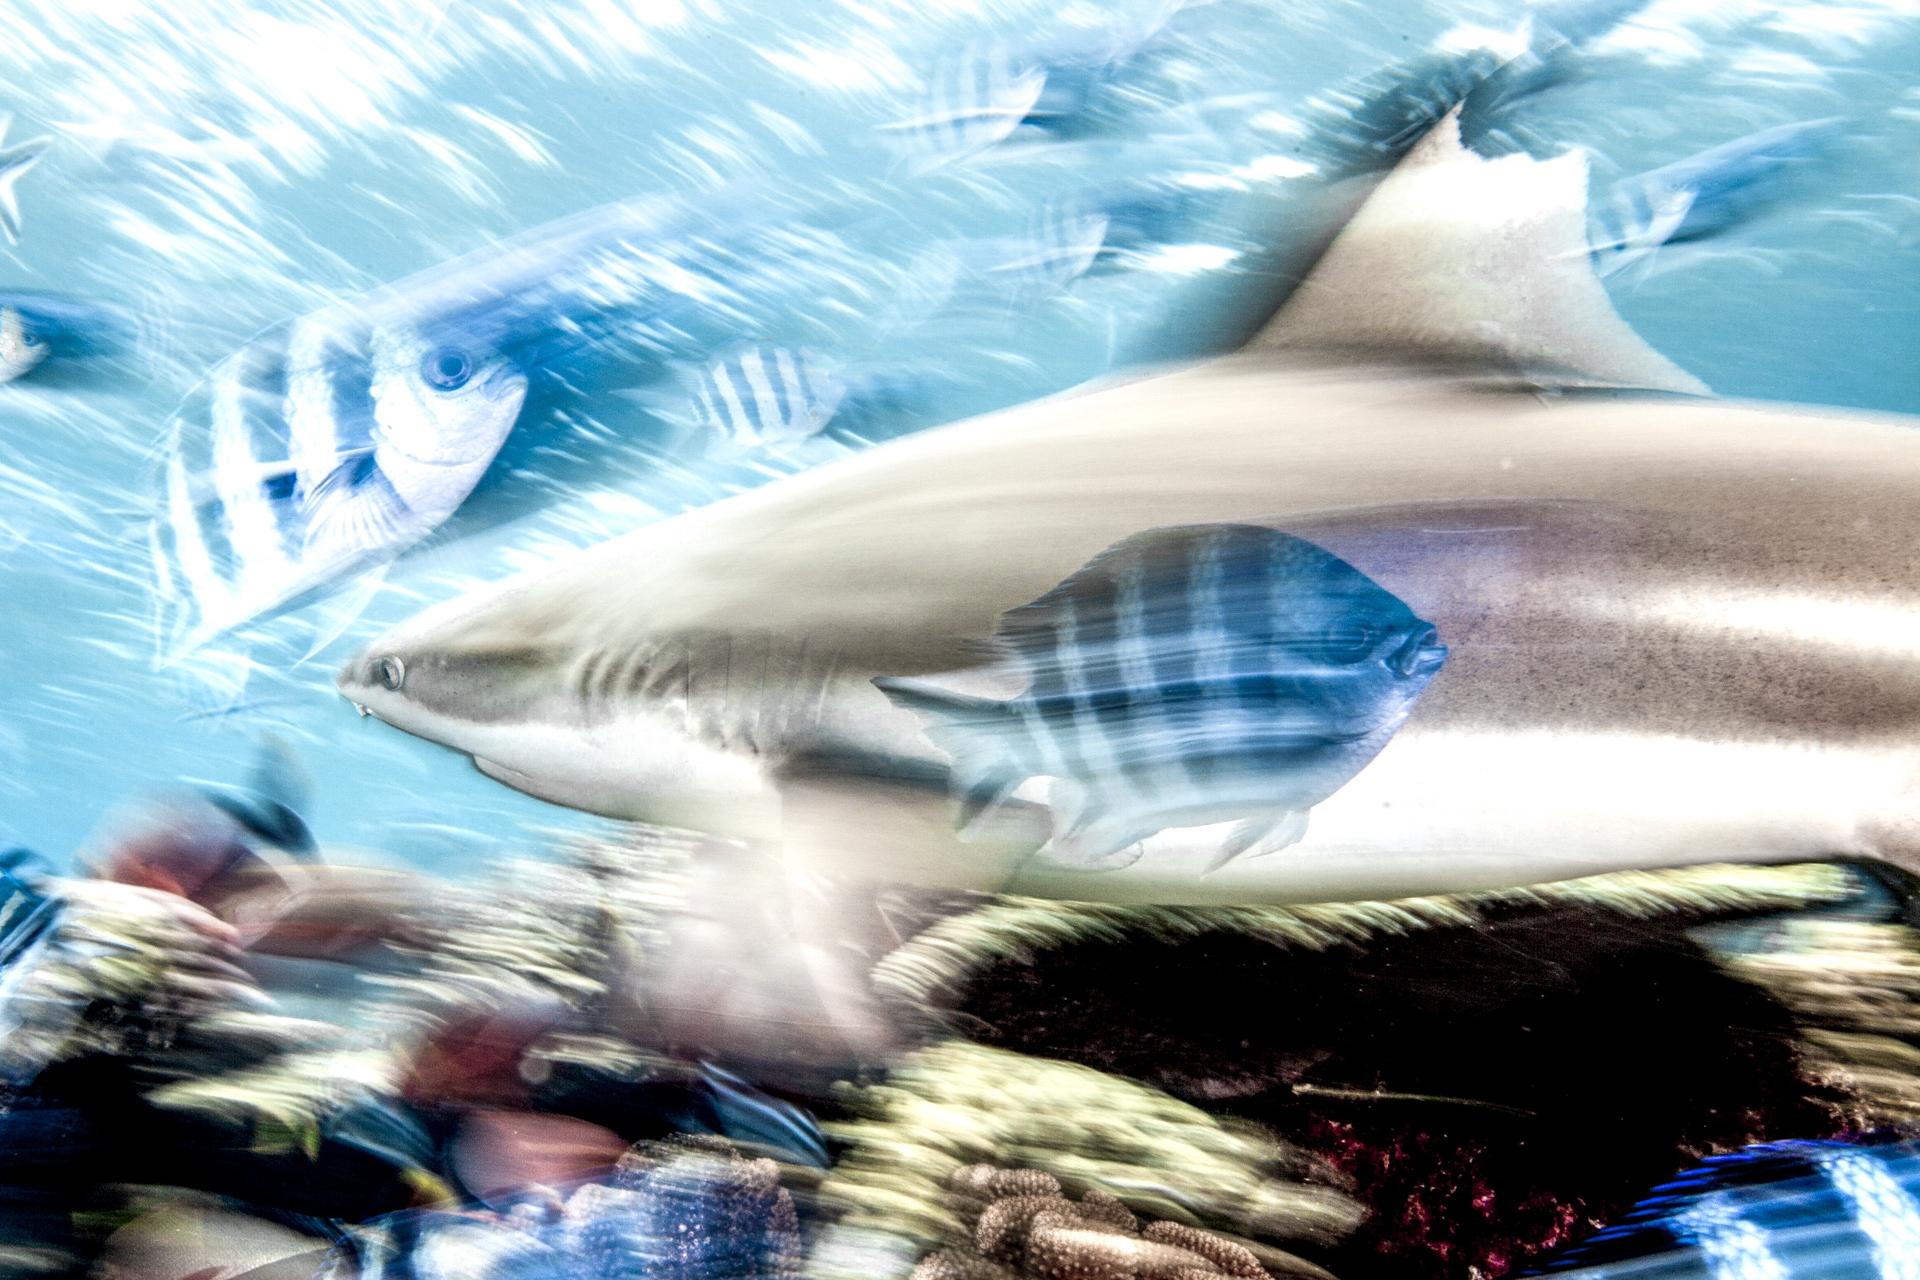 BLACK TIP SHARK, FIJI CREDIT: DAVID P. ROBINSON, PHD / coral reef image bank